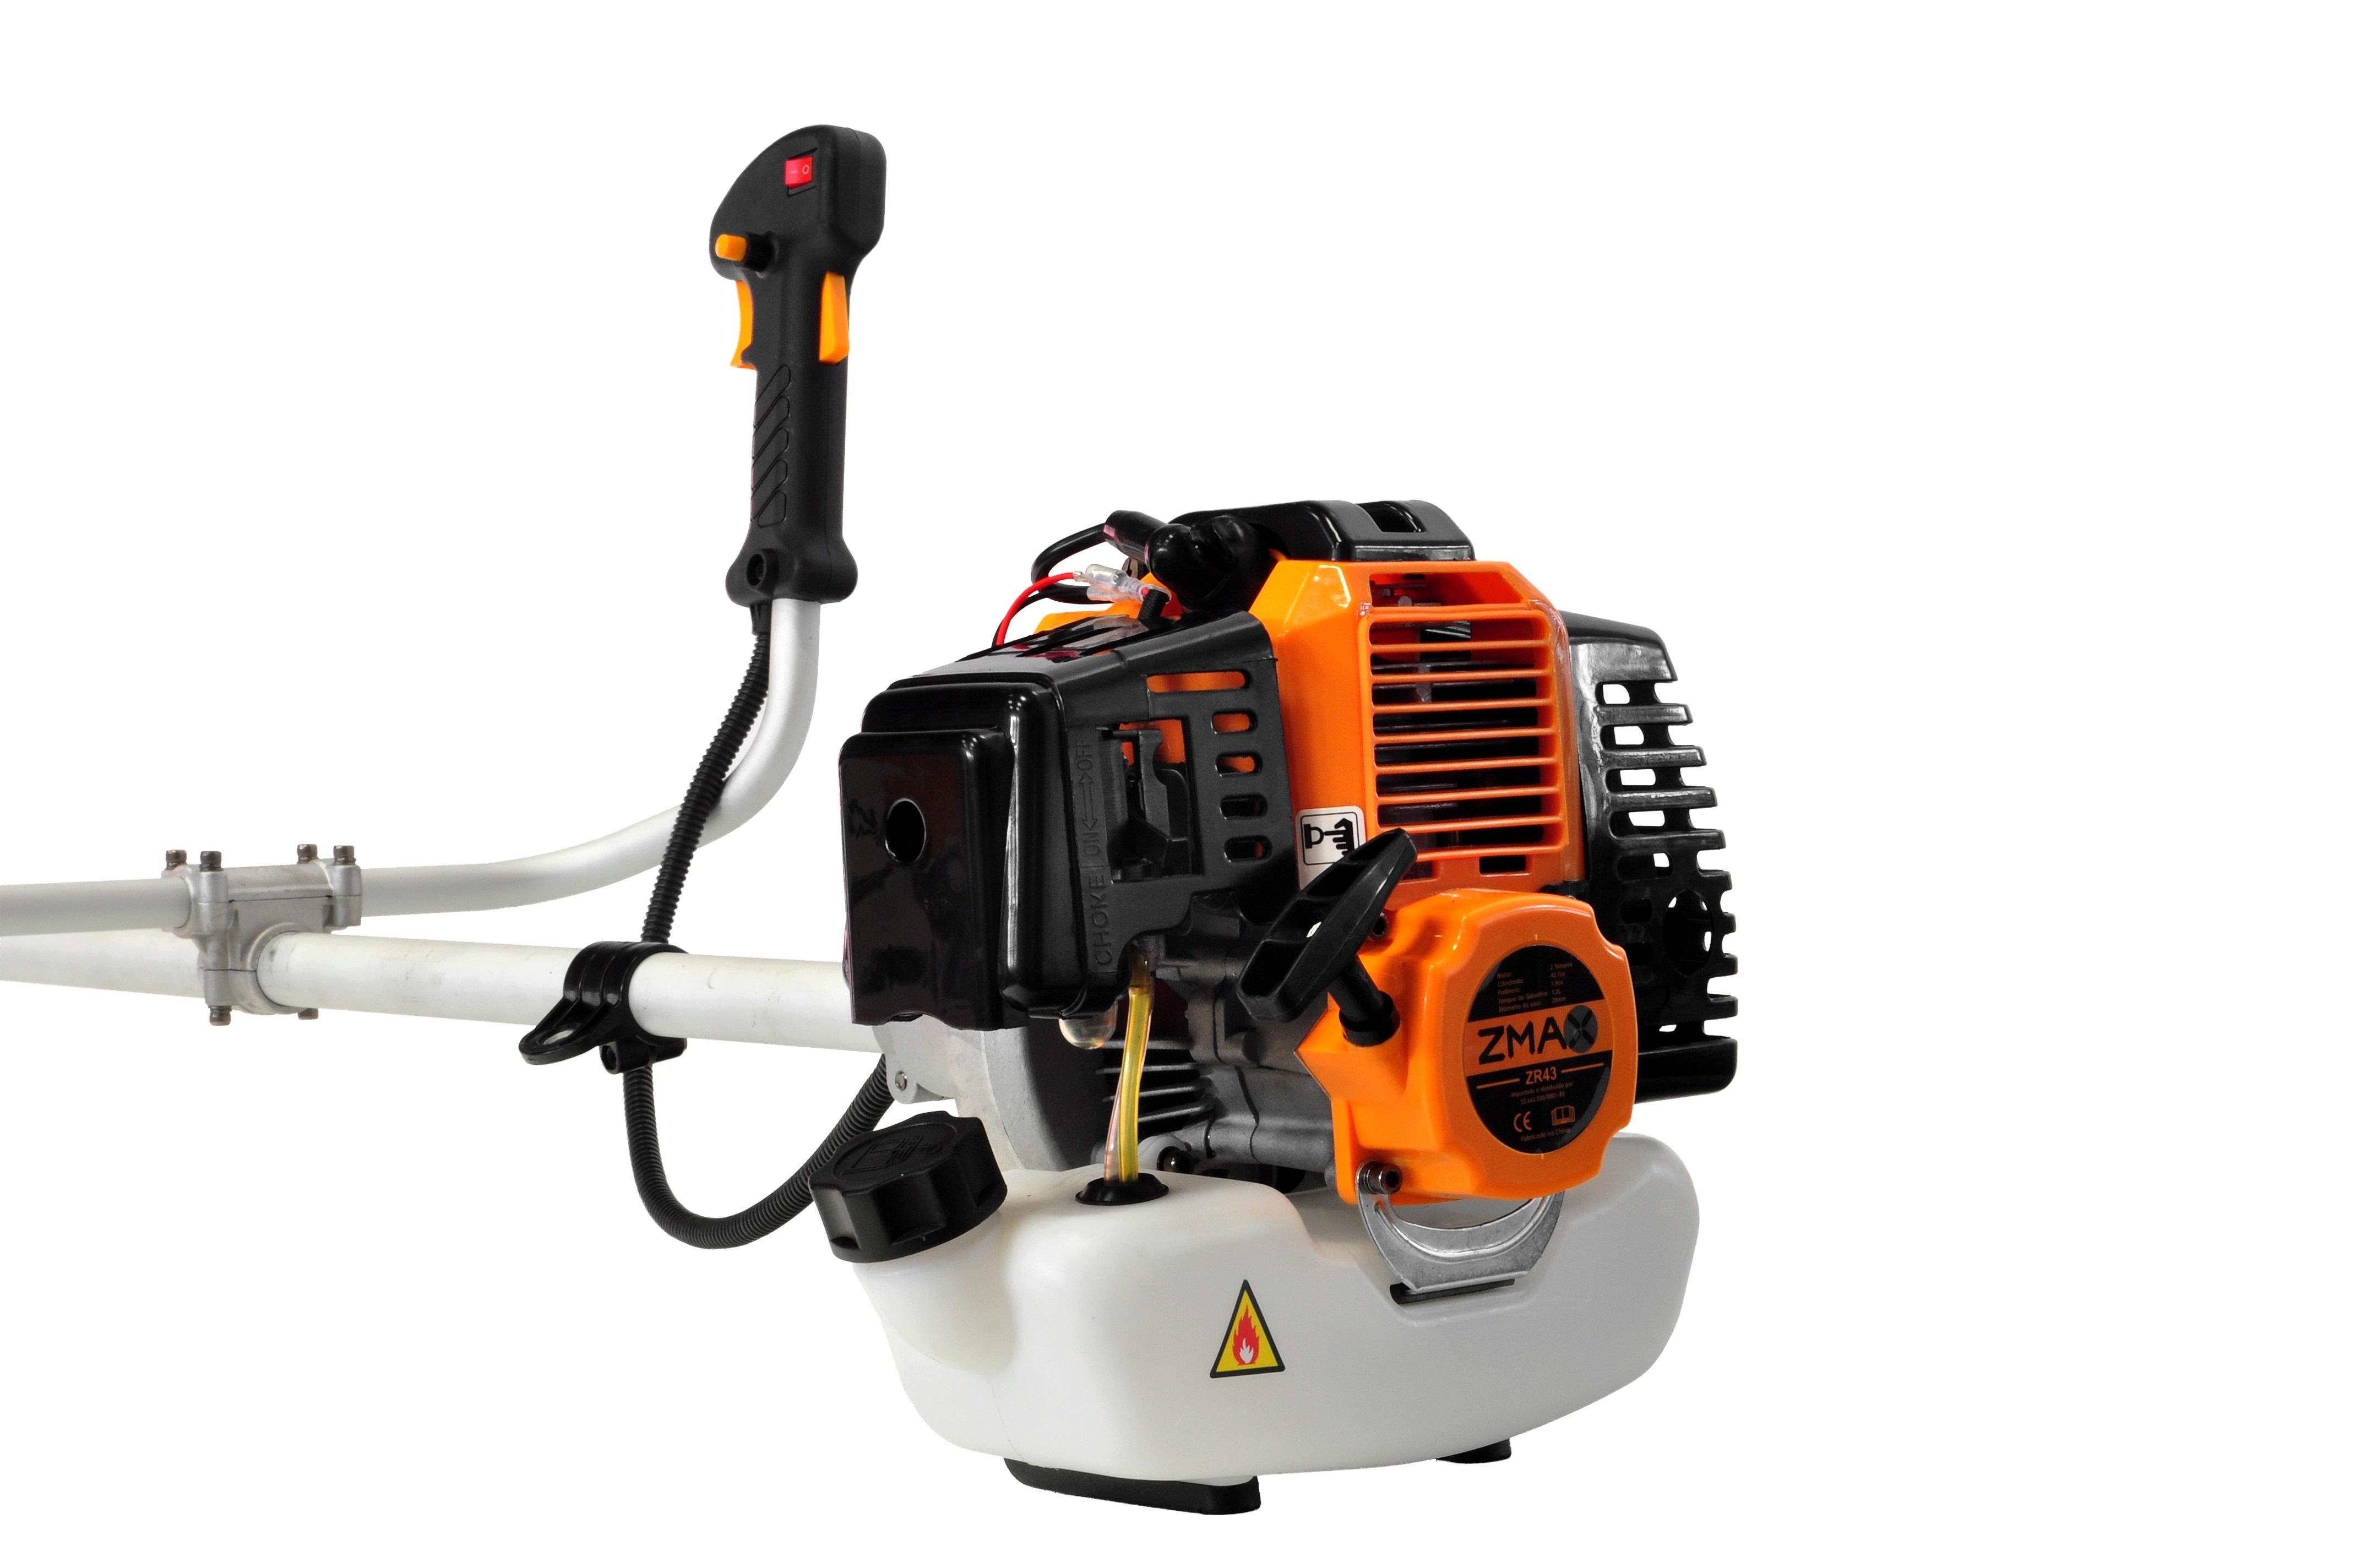 Roçadeira a gasolina - ZR43